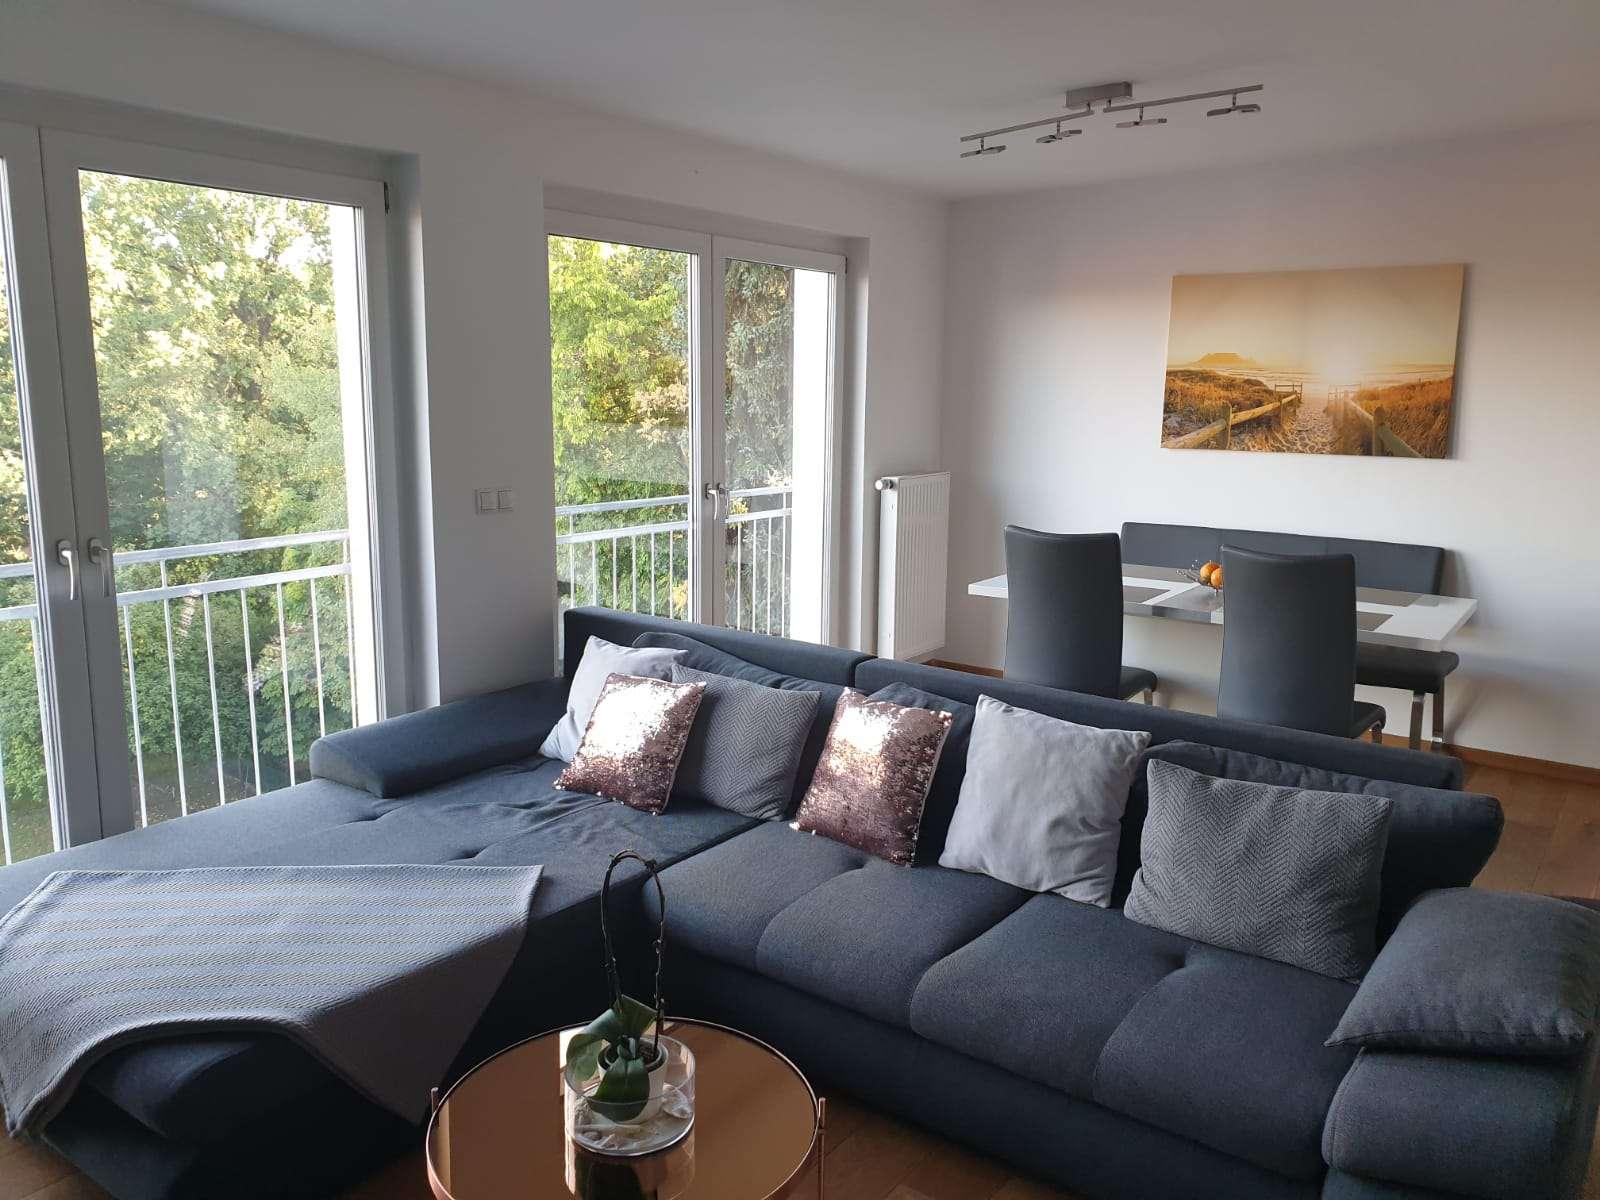 Sanierte 3-Zimmer-Dachgeschosswohnung mit EBK in Forchheim/Burk in Forchheim (Forchheim)